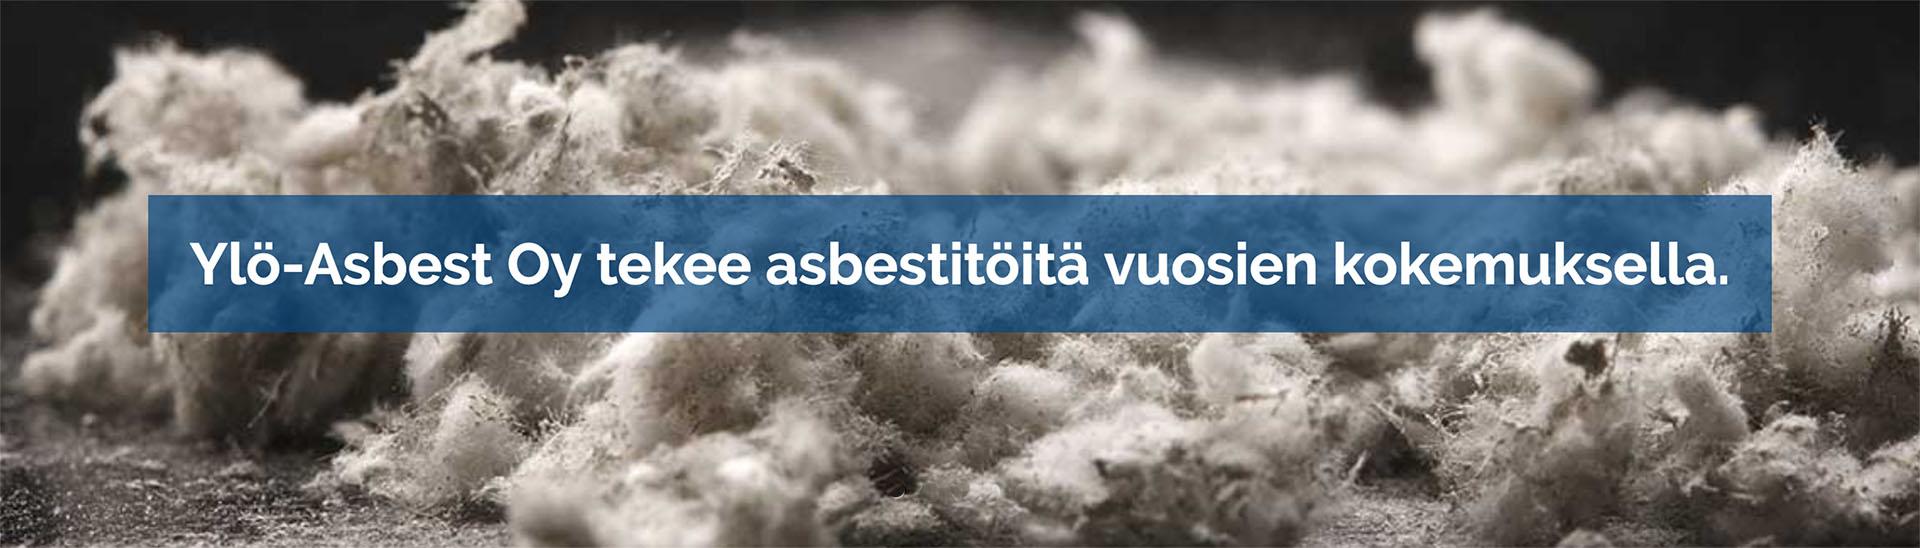 Asbestikartoitustyöt Tampereen seudulla • YlöAsbest Oy